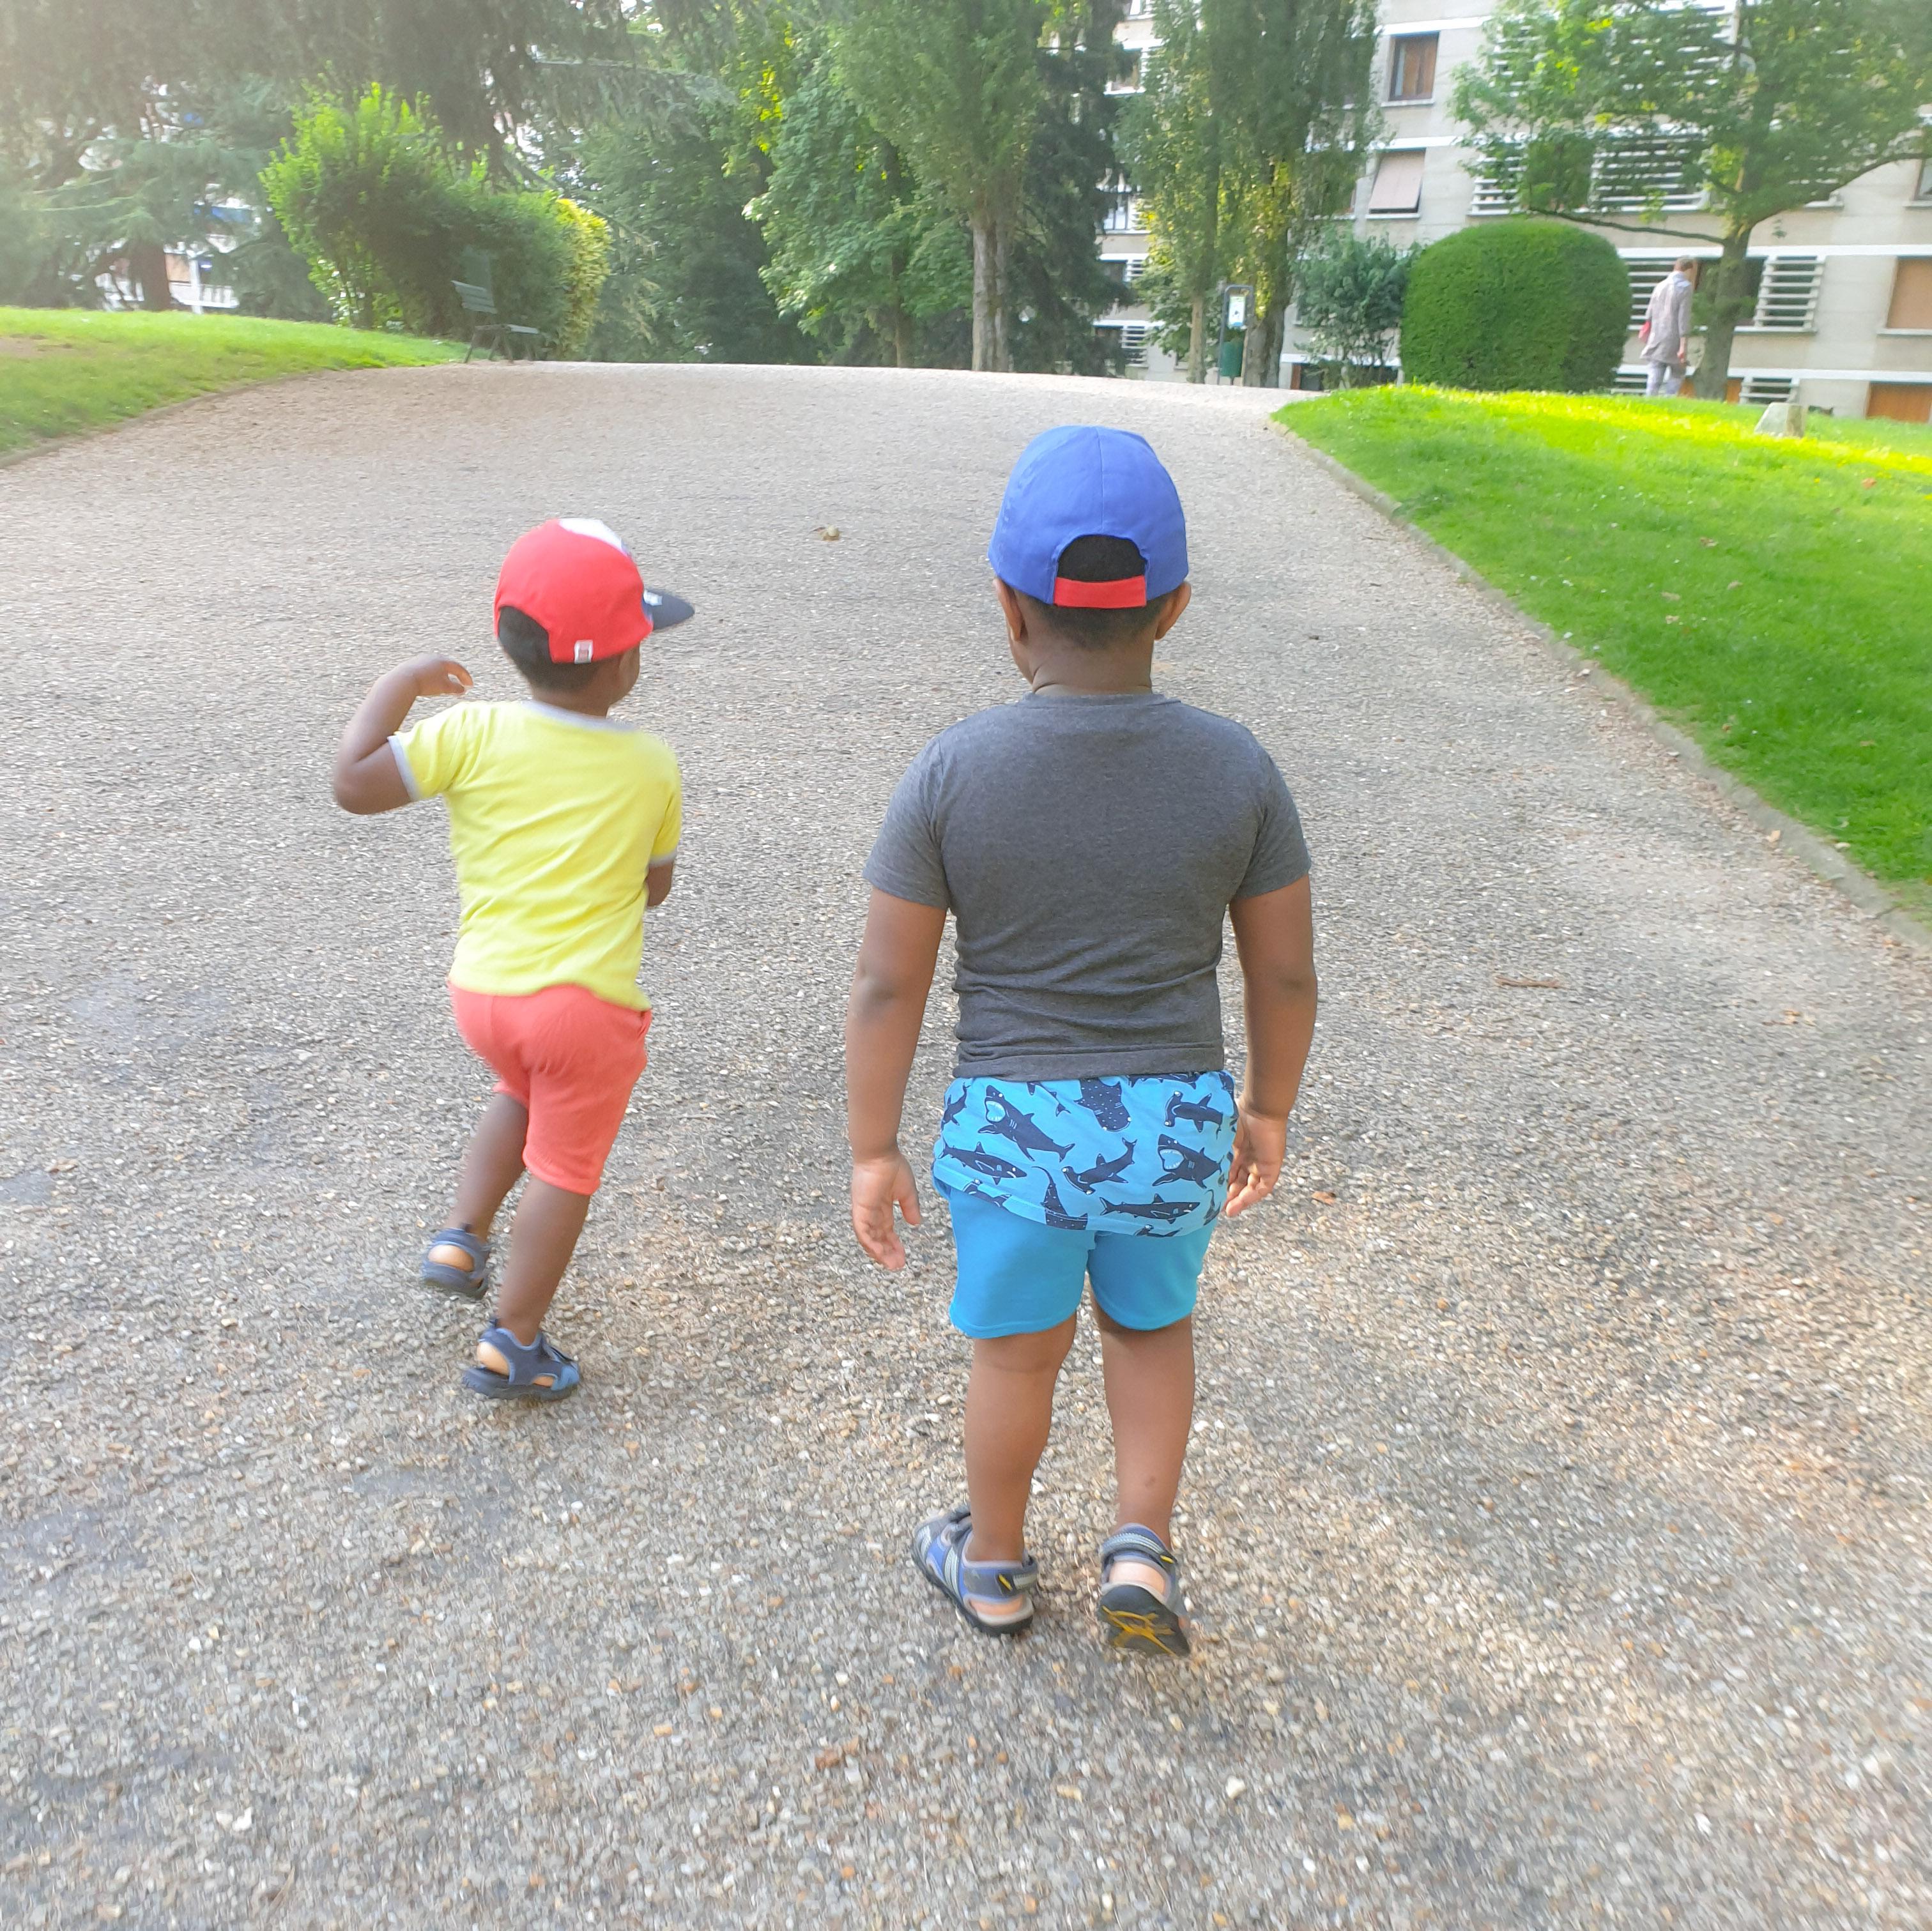 Canicule, Eviter la déshydratation des enfants